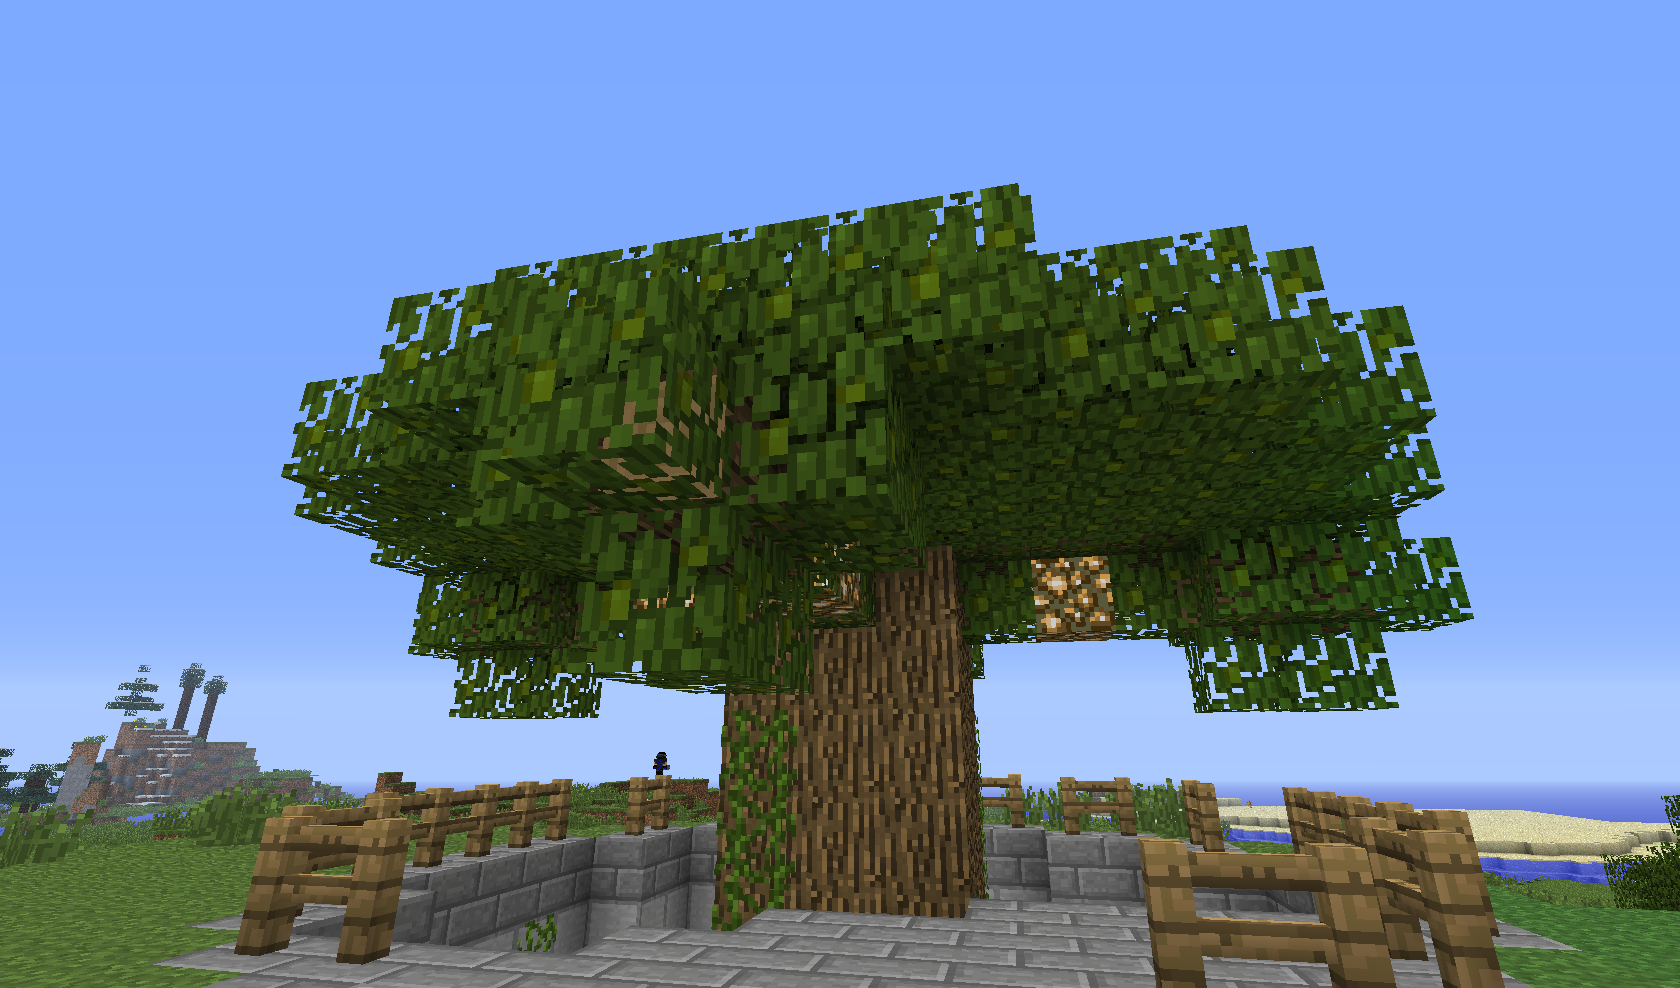 dziwaczne drzewo